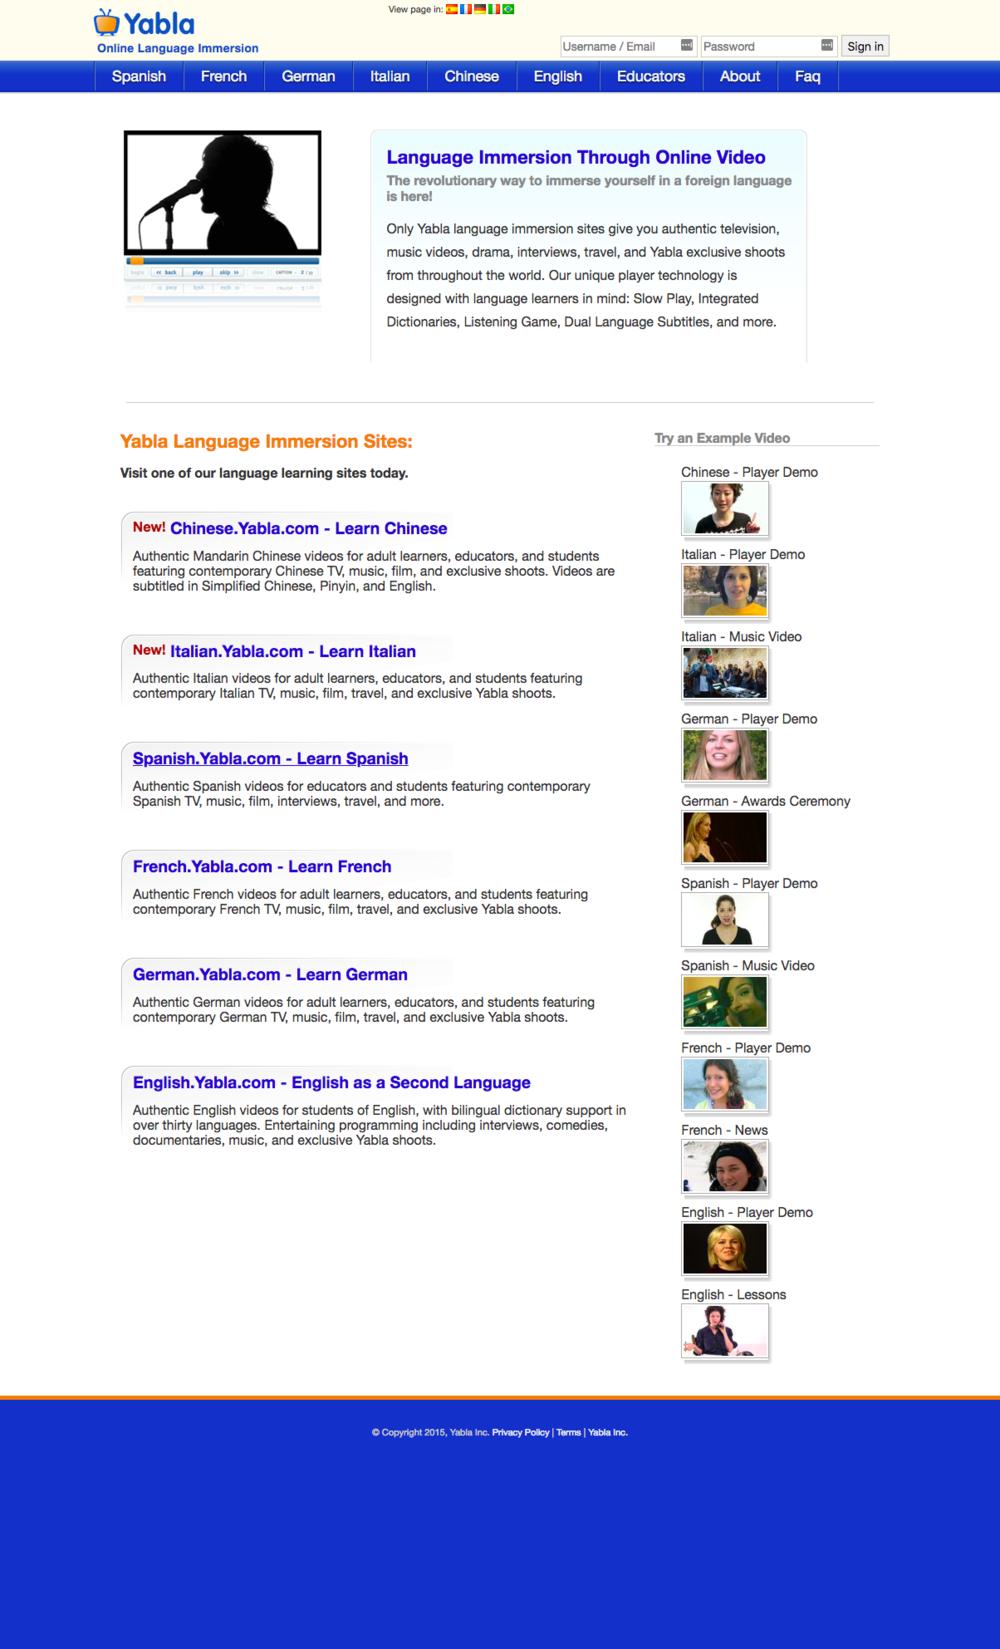 Yabla Homepage Before